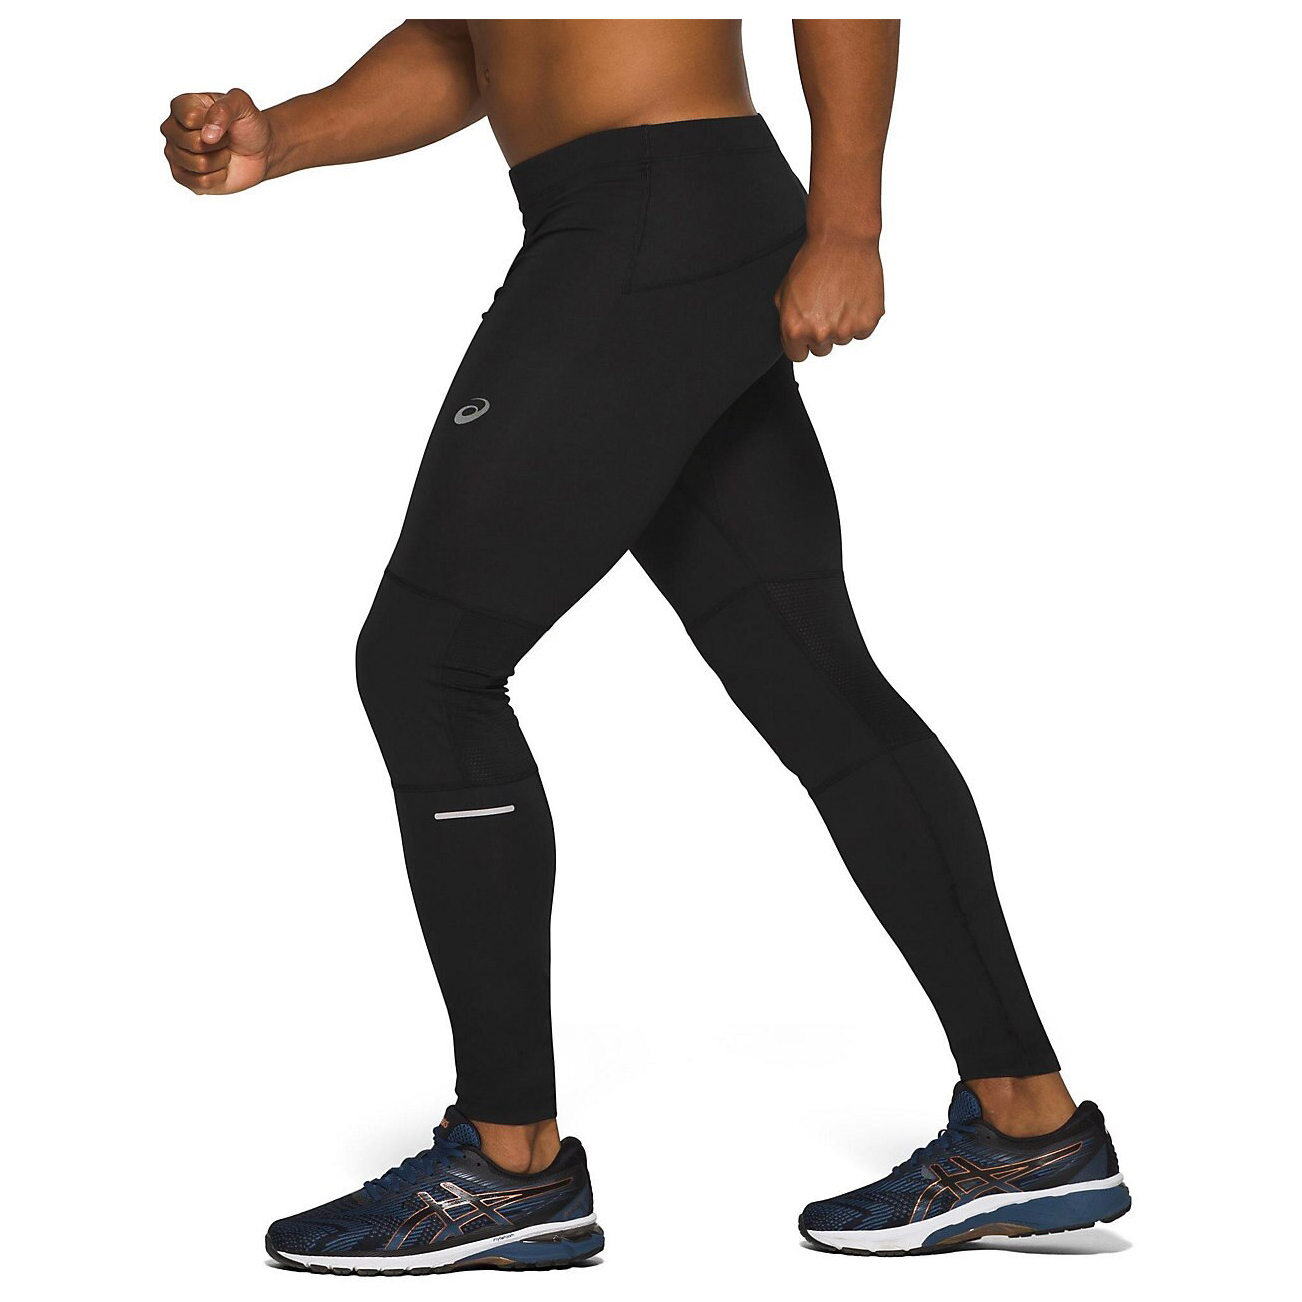 Asics Race Tight - Running trousers Men's | Buy online ...